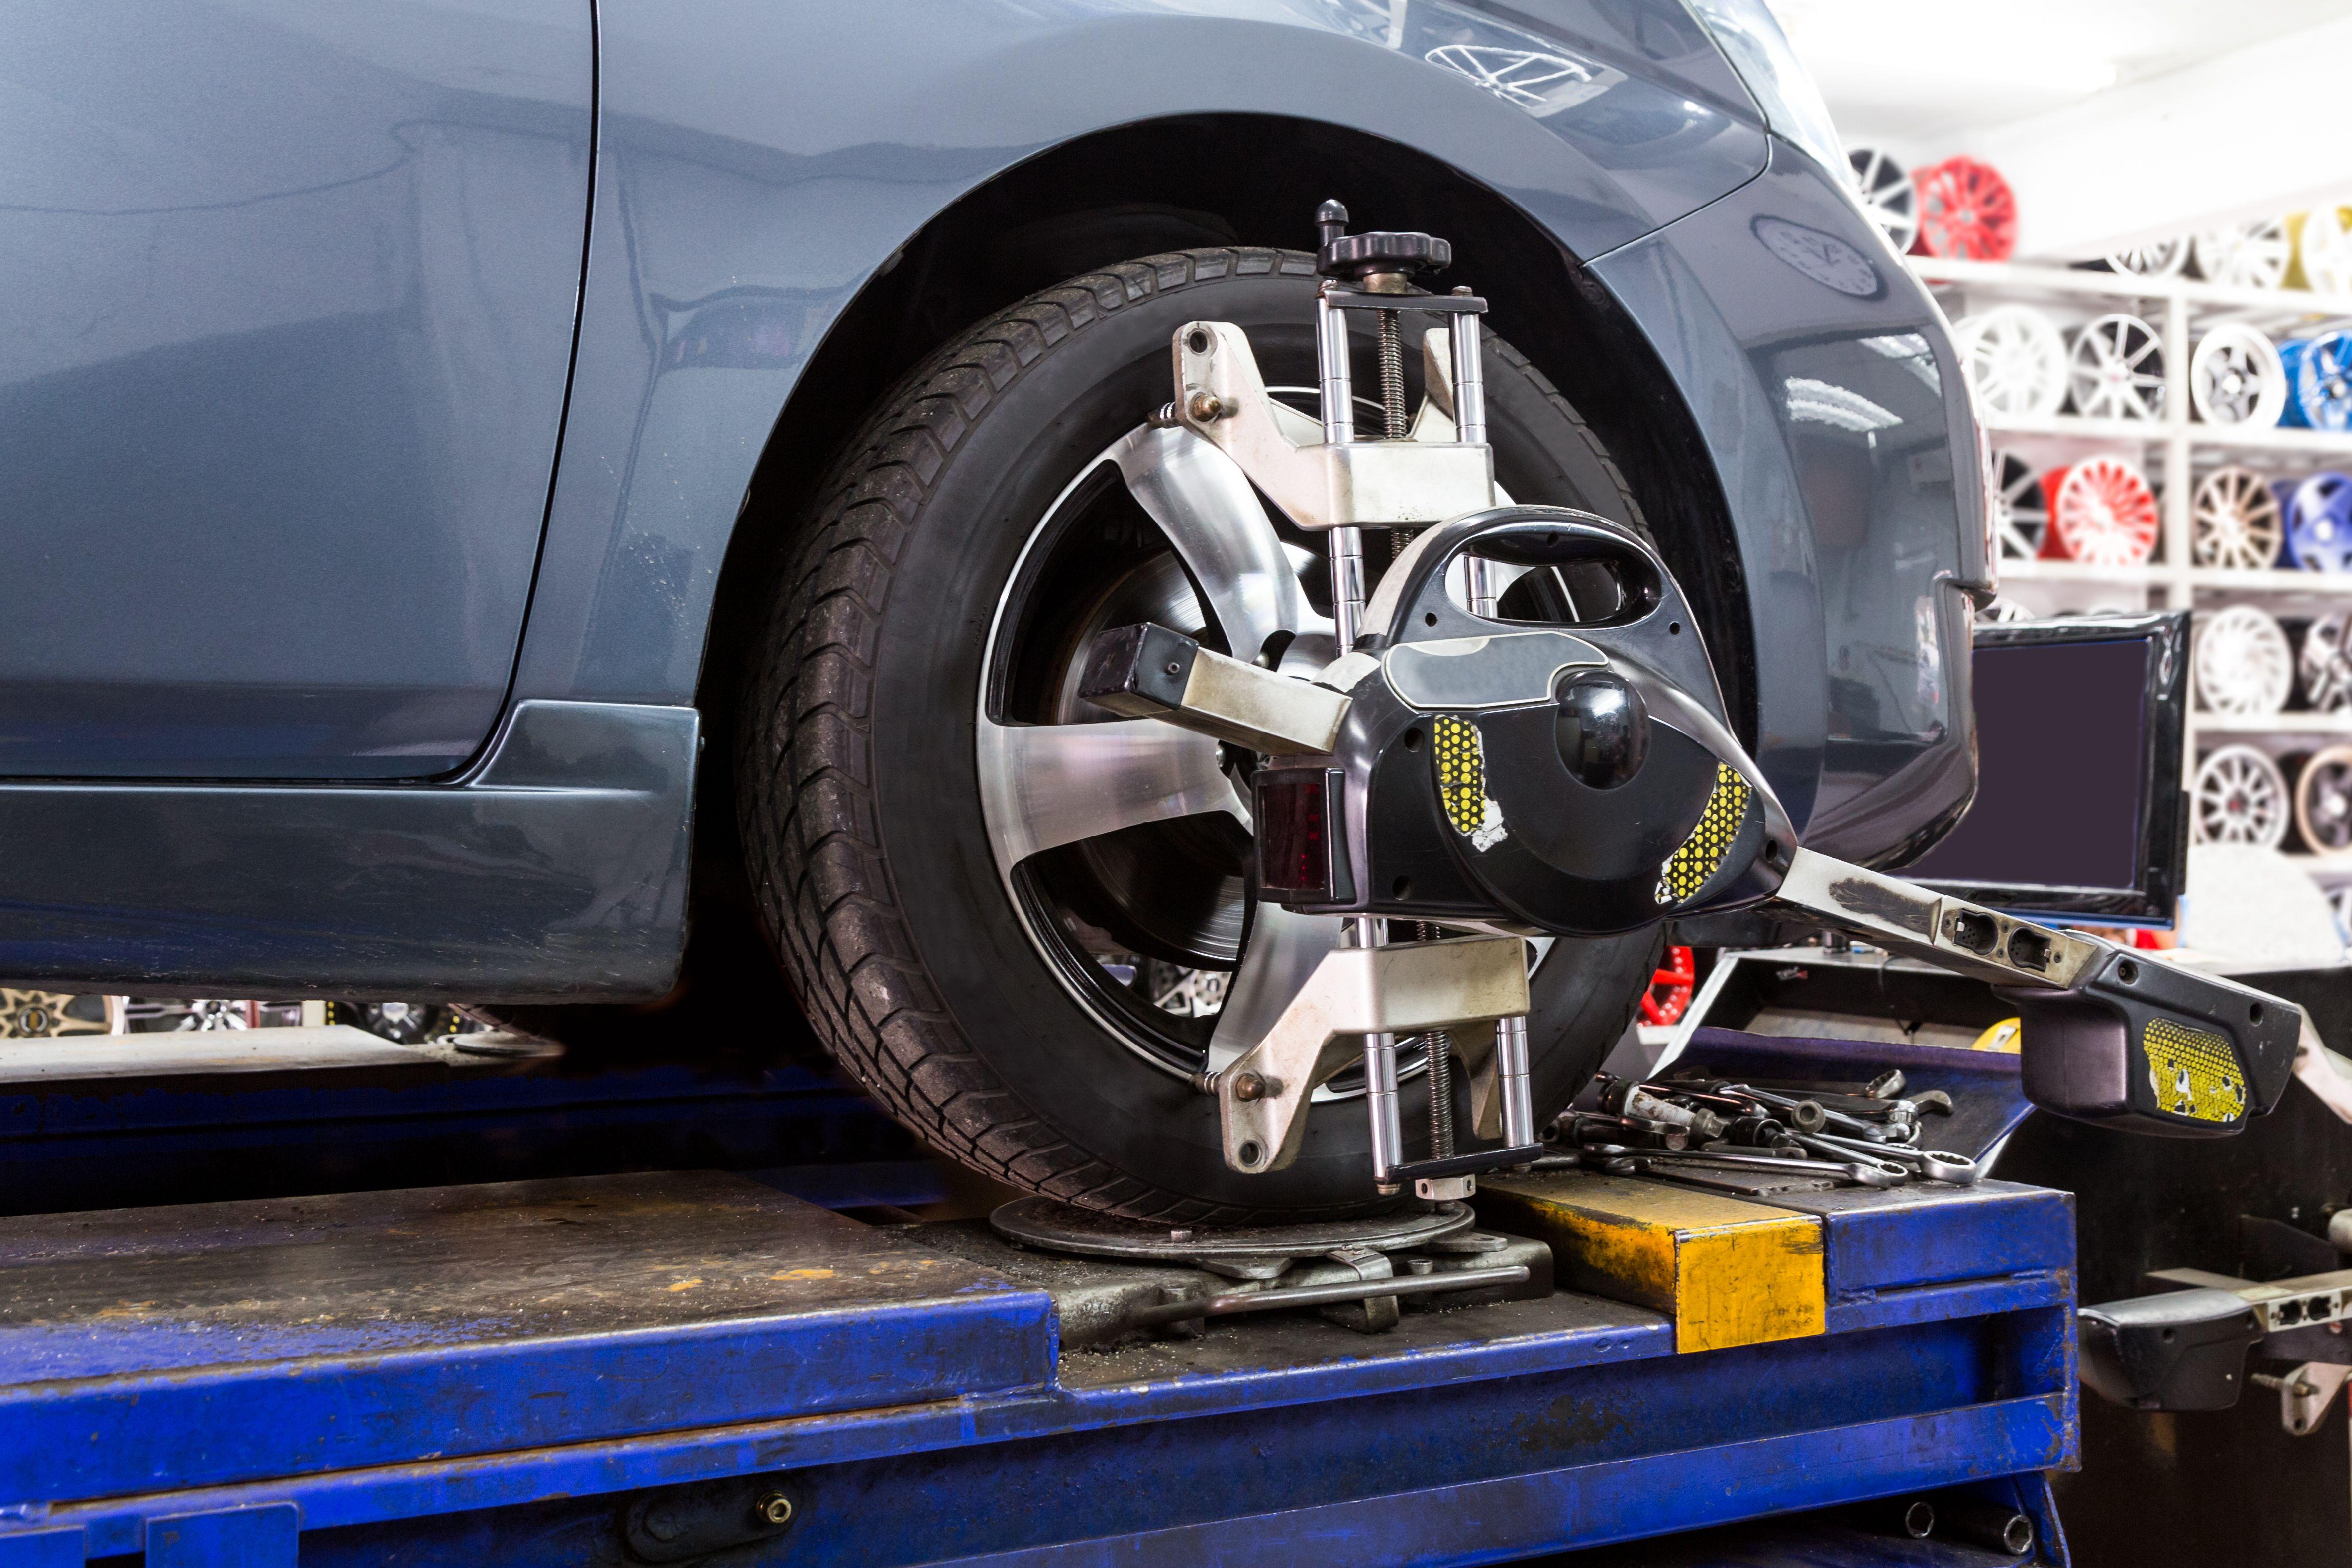 Revisamos tu vehículo en nuestro taller mecánico en Berango